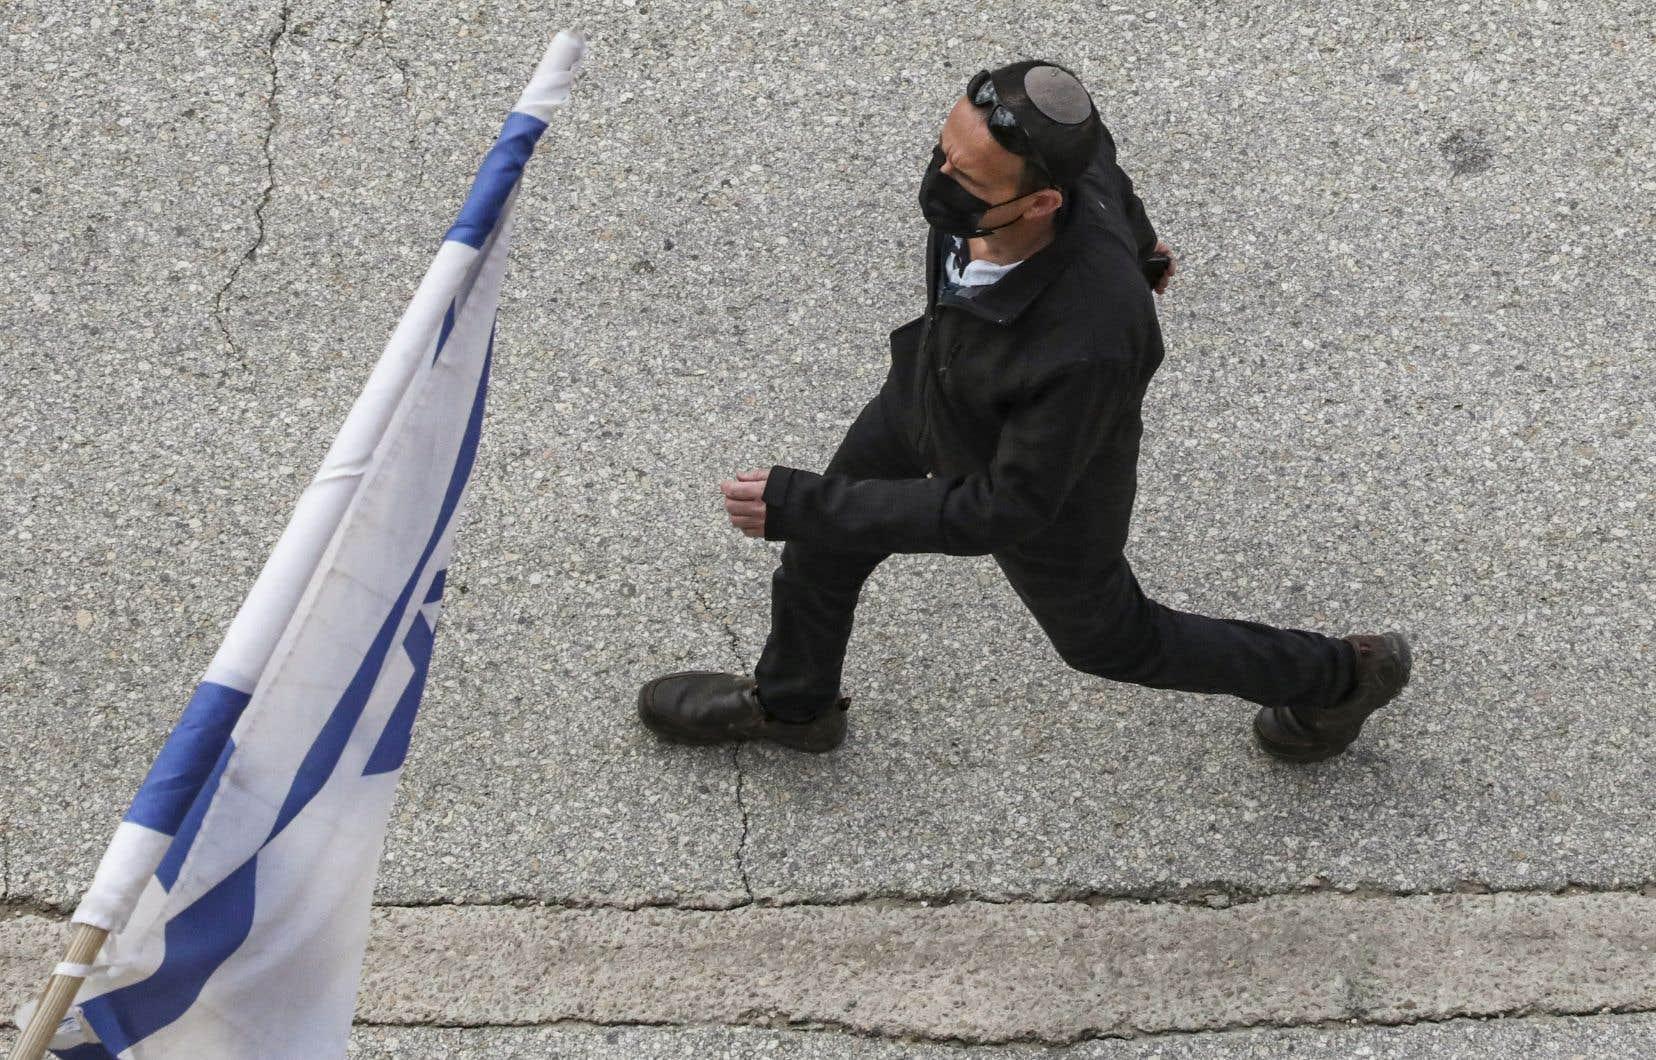 «Si le monde prenait conscience de l'étendue réelle du pouvoir politique détenu en Israël par les partis politiques religieux et de leur pouvoir d'ingérence dans la vie des femmes, ce serait fini,pour Israël», pense l'autrice.